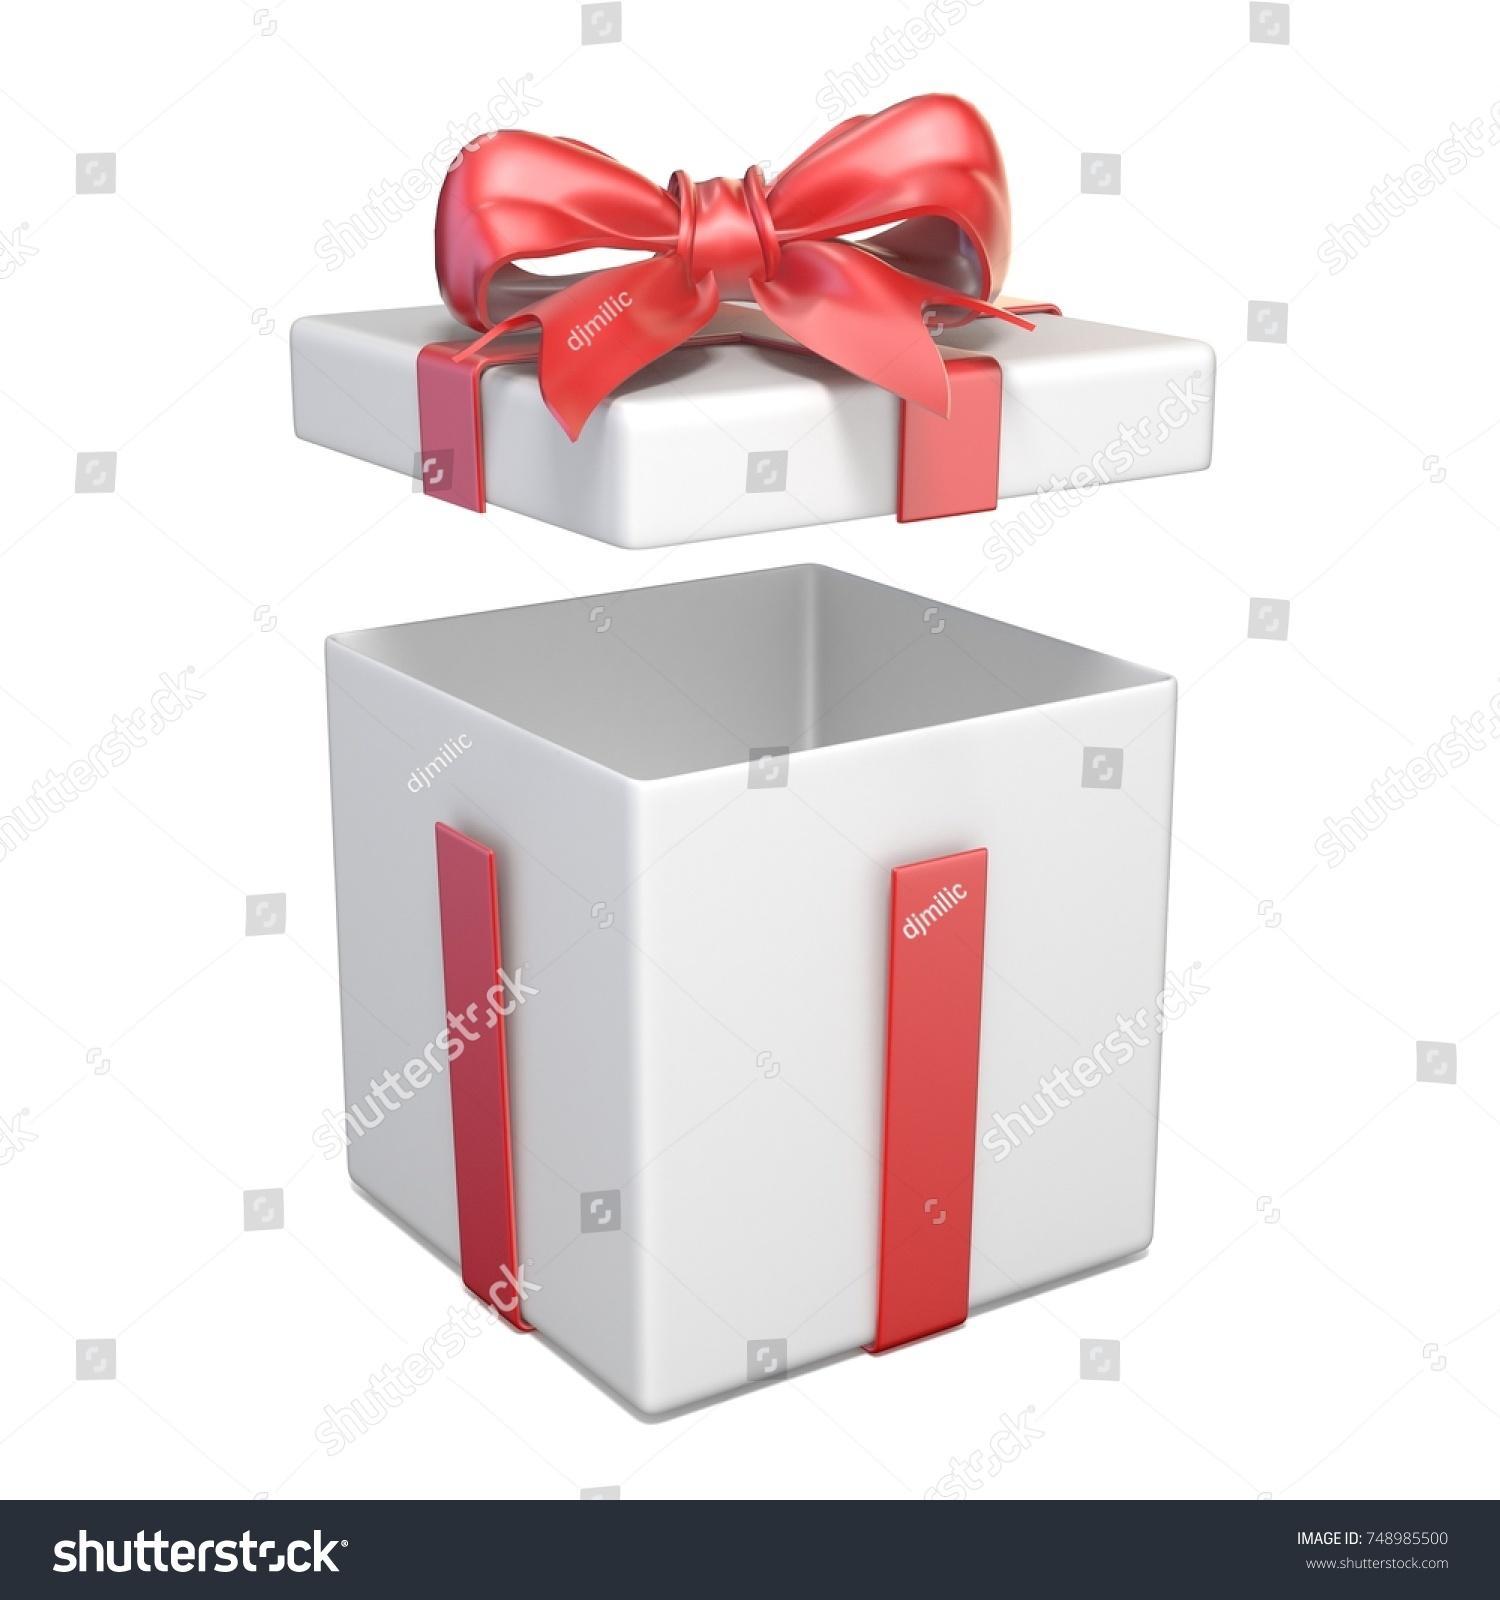 Opened white gift box red ribbon stock illustration 748985500 opened white gift box and red ribbon bow 3d render illustration isolated on white background buycottarizona Gallery